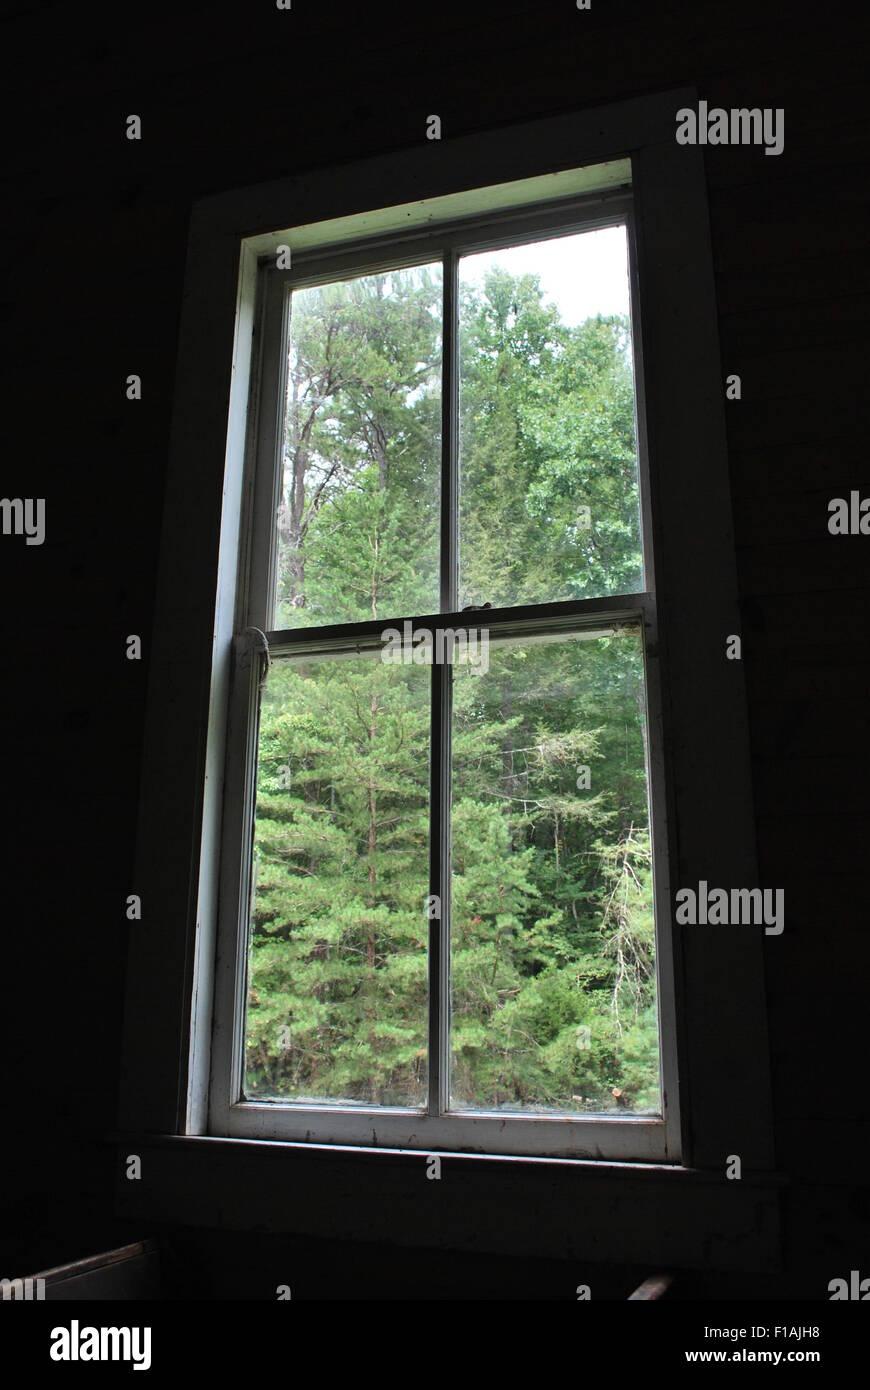 blick aus dem fenster in einen wald stockfoto bild 86900612 alamy. Black Bedroom Furniture Sets. Home Design Ideas